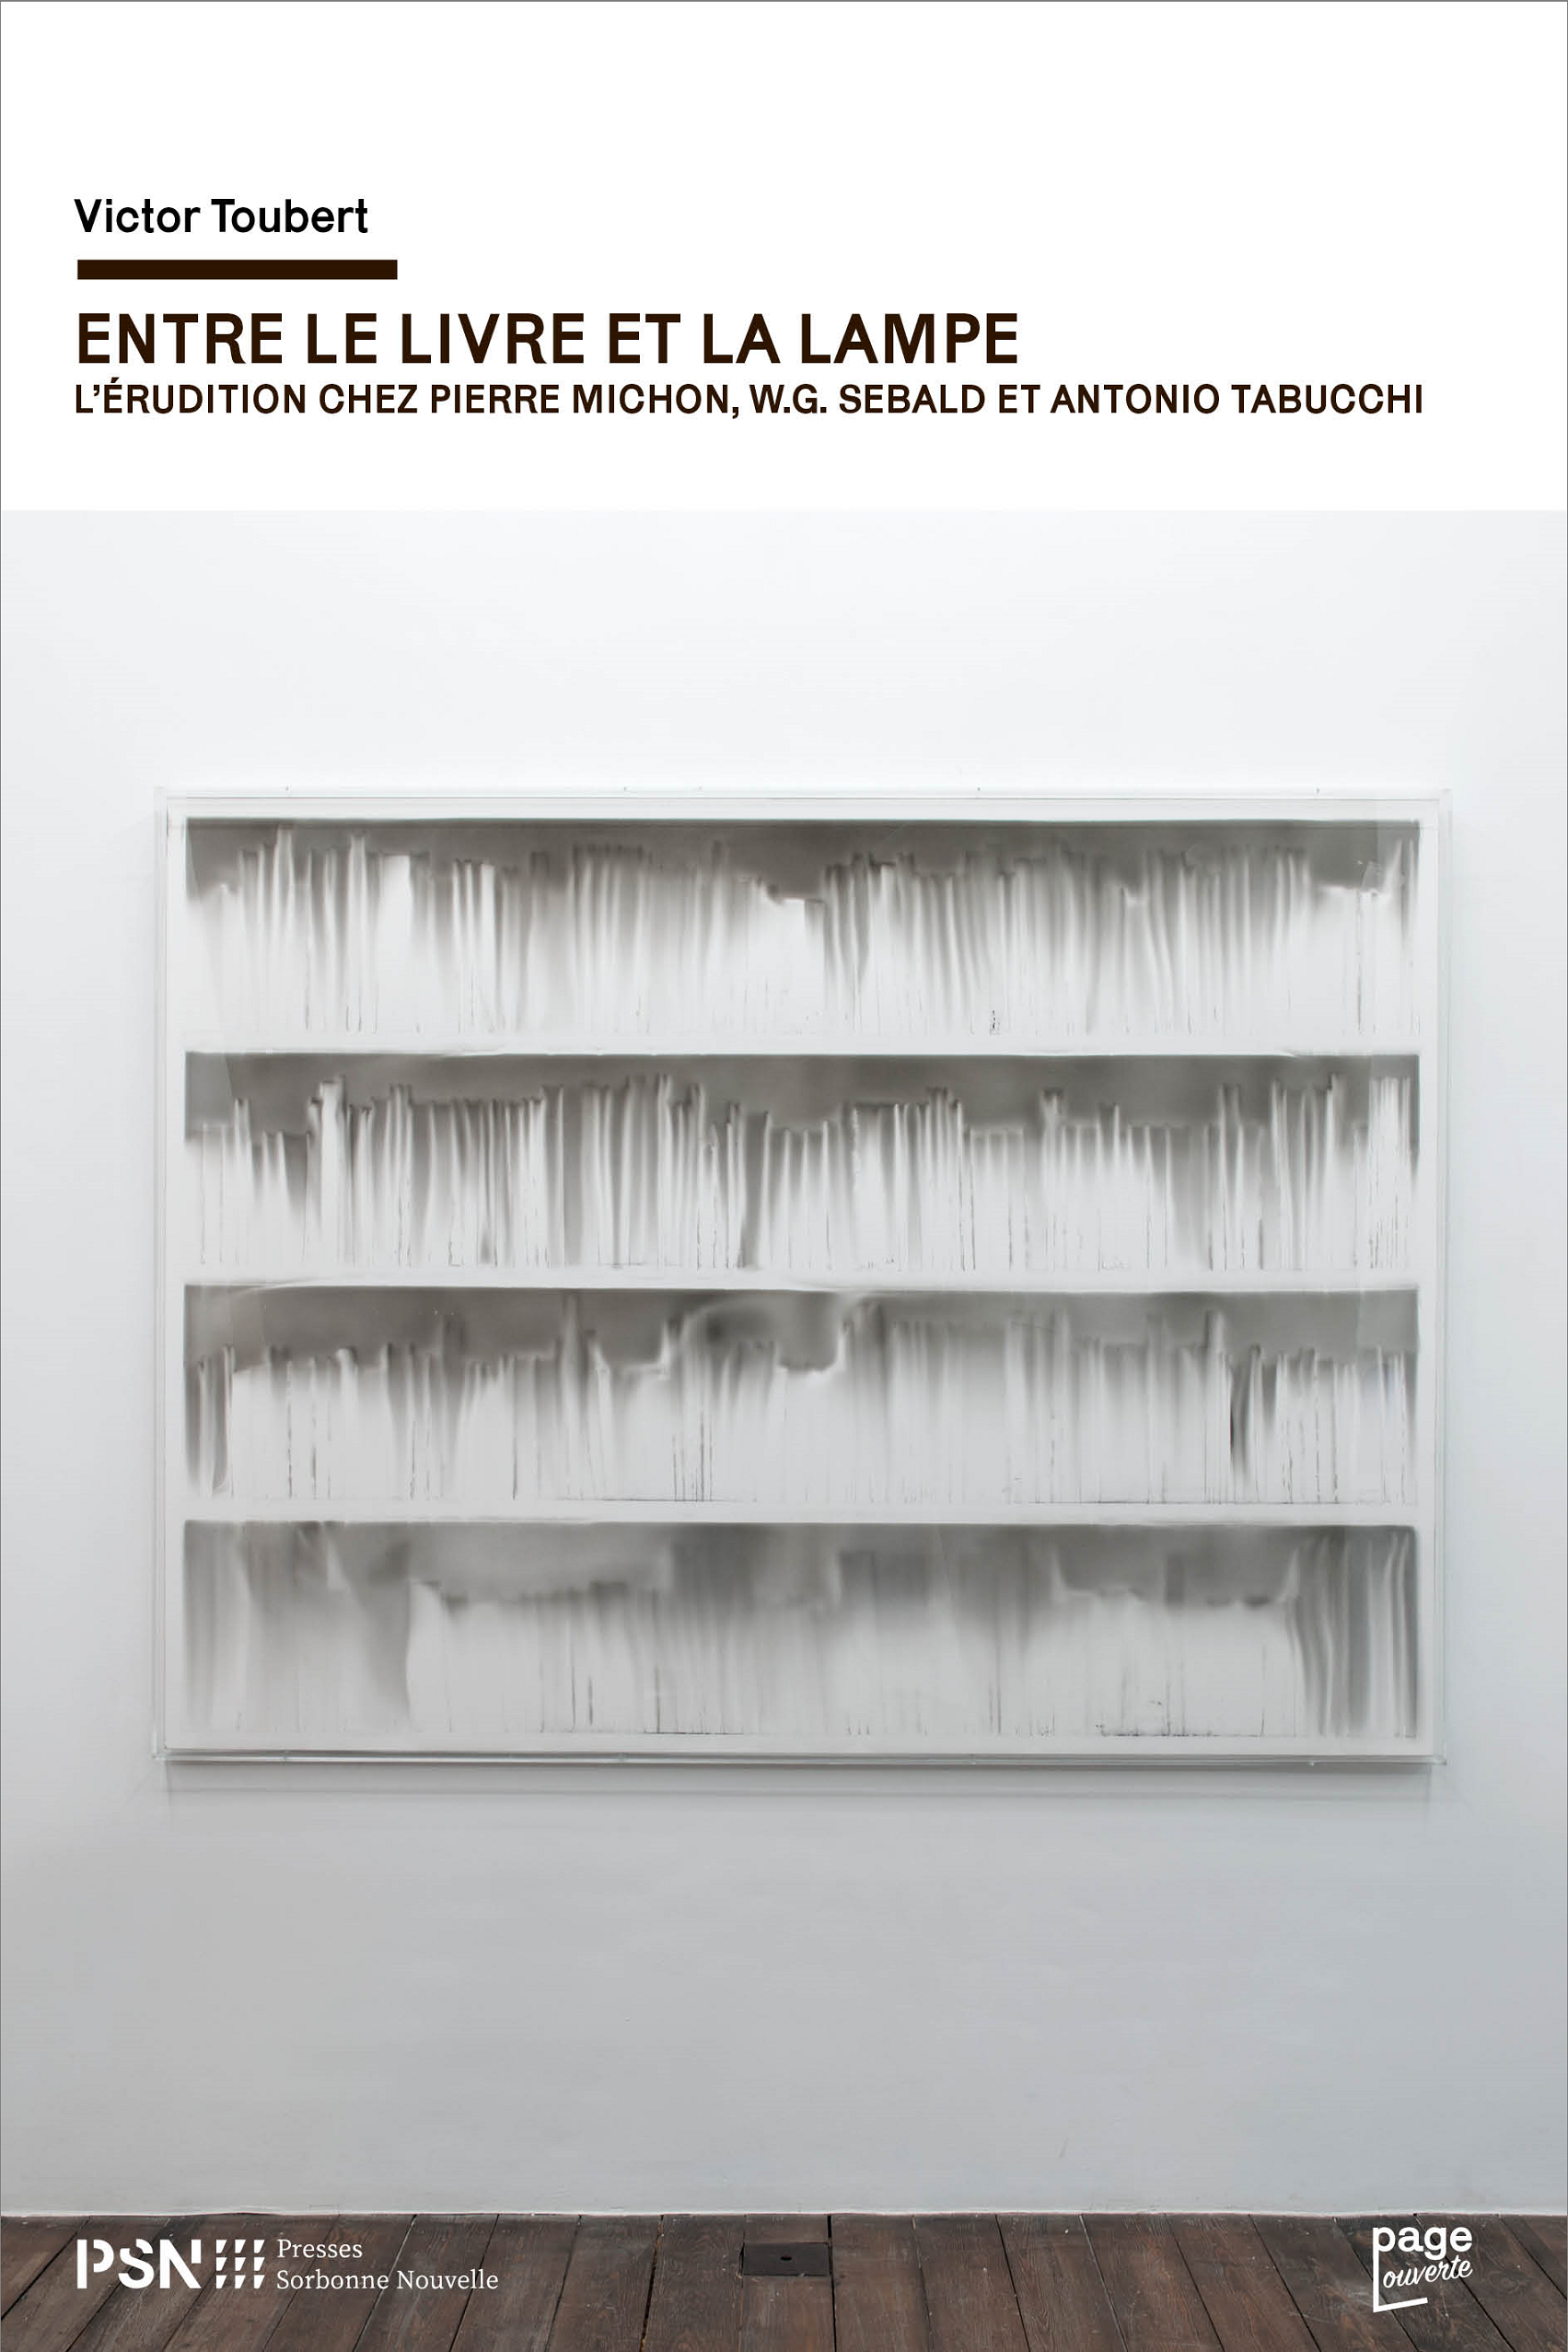 V. Toubert, Entre le livre et la lampe. L'érudition chez Pierre Michon, W.G. Sebald et Antonio Tabucchi